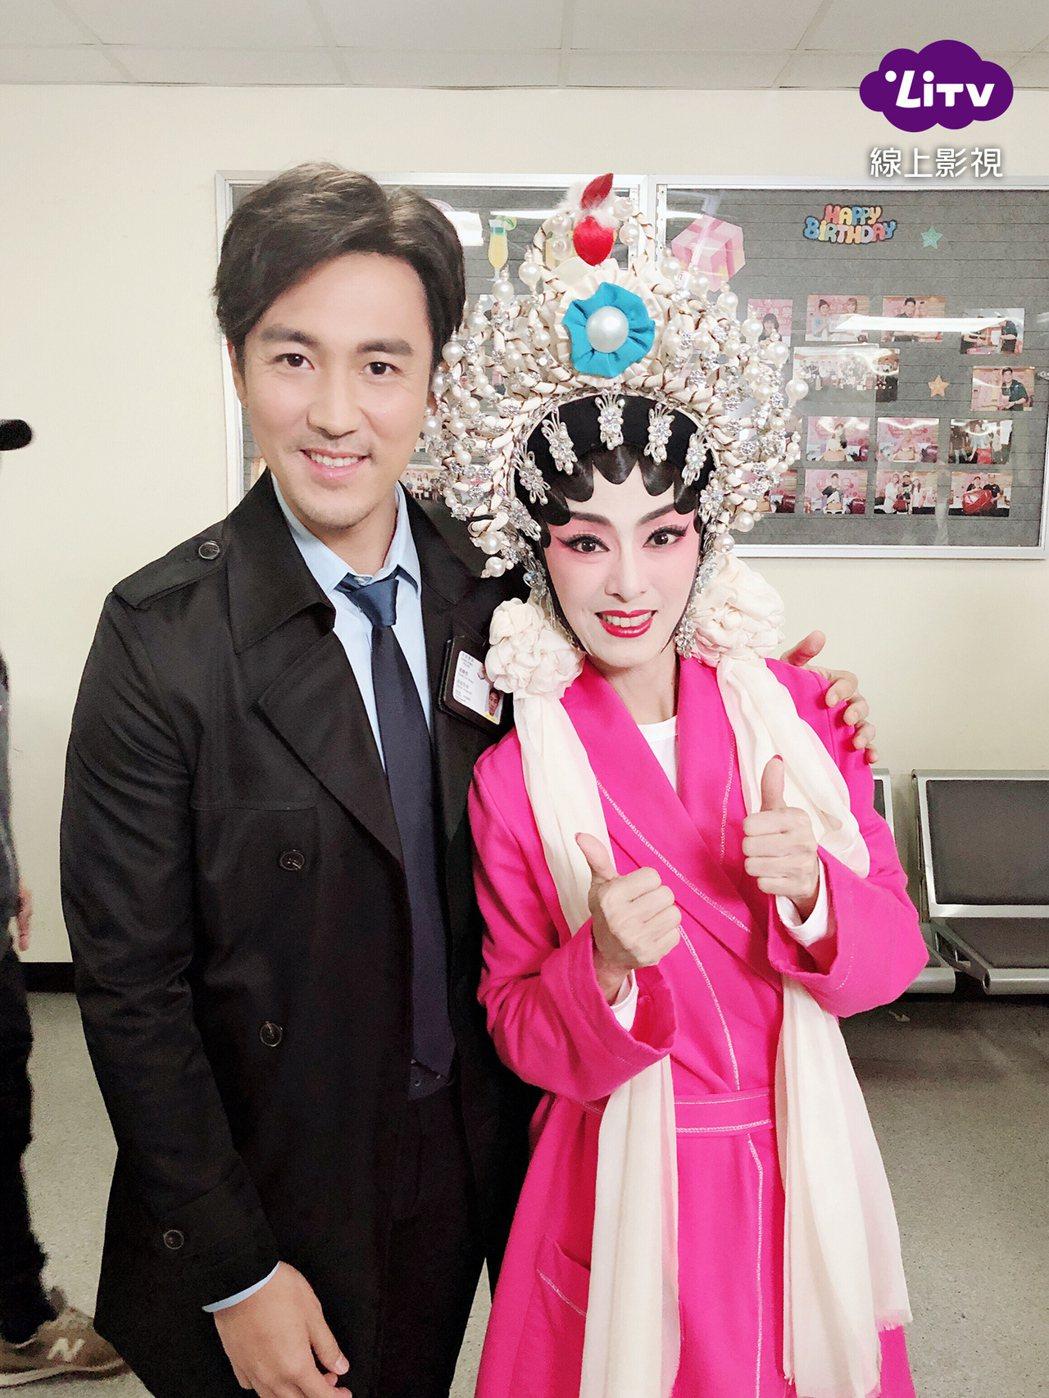 米雪(右)很開心在「法證先鋒4」與謝賢合作。圖/LiTV線上影視提供